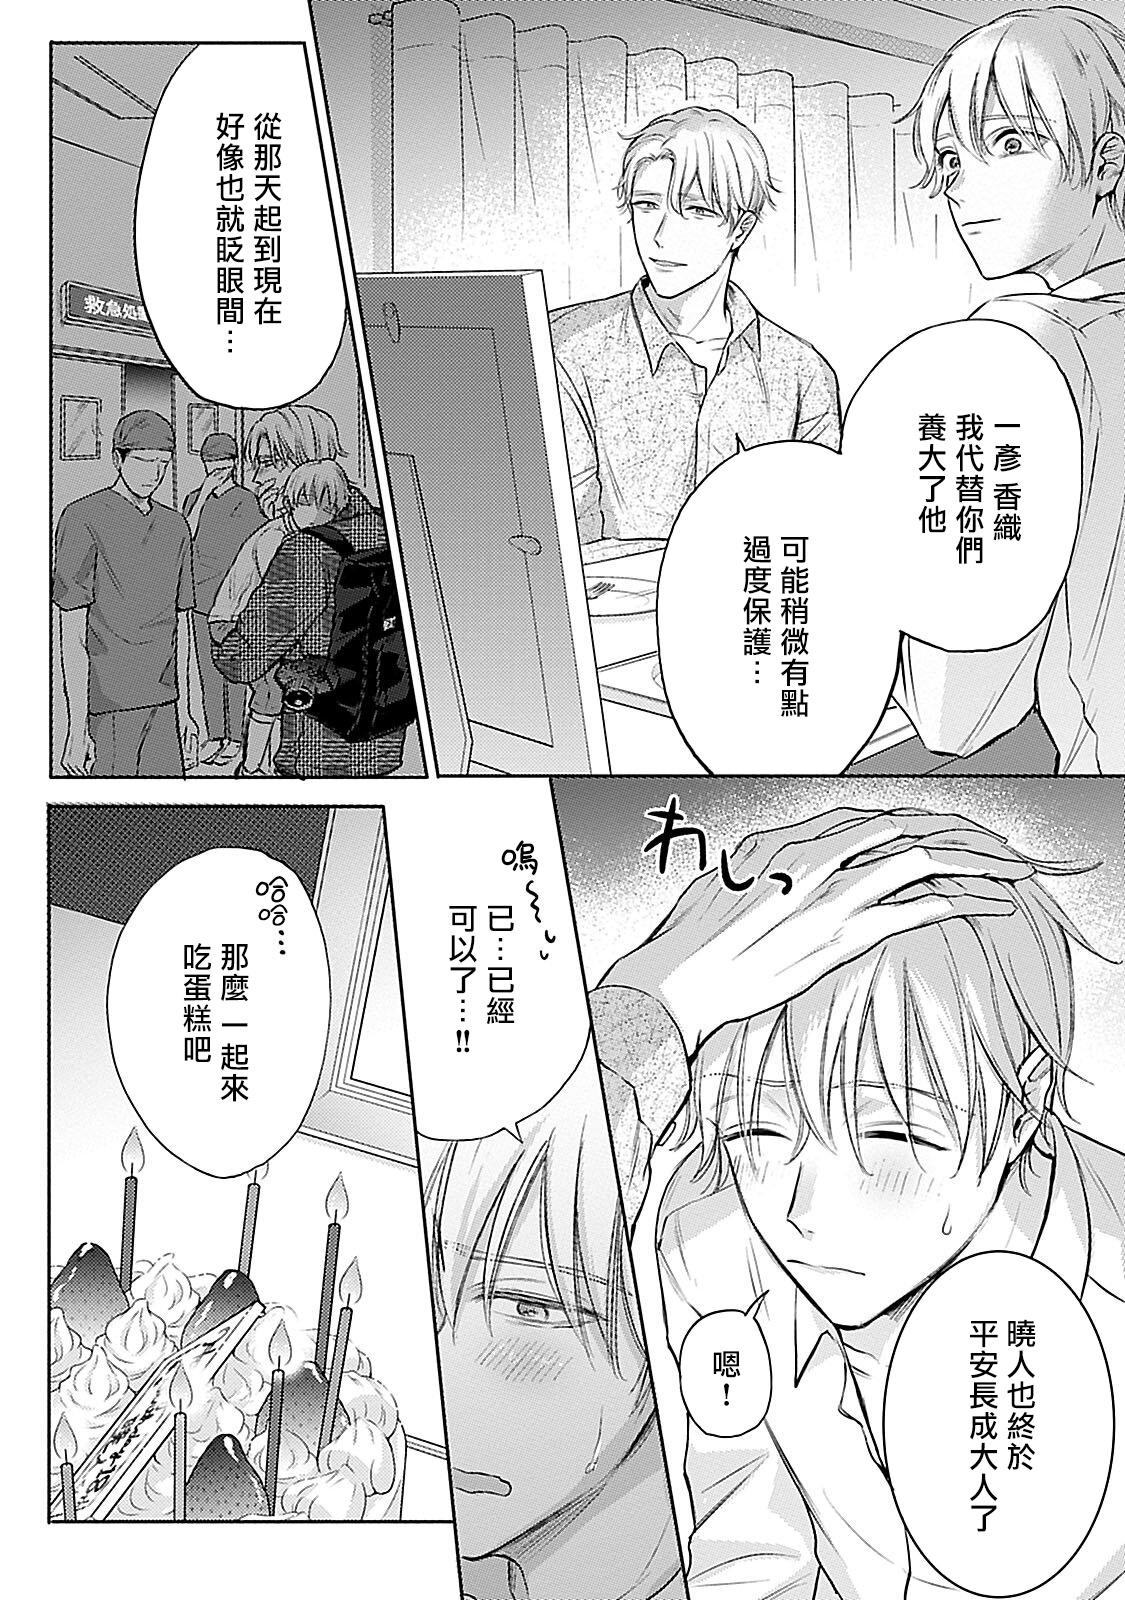 Shujuu no Saga | 主仆之性 Ch. 4-5 2